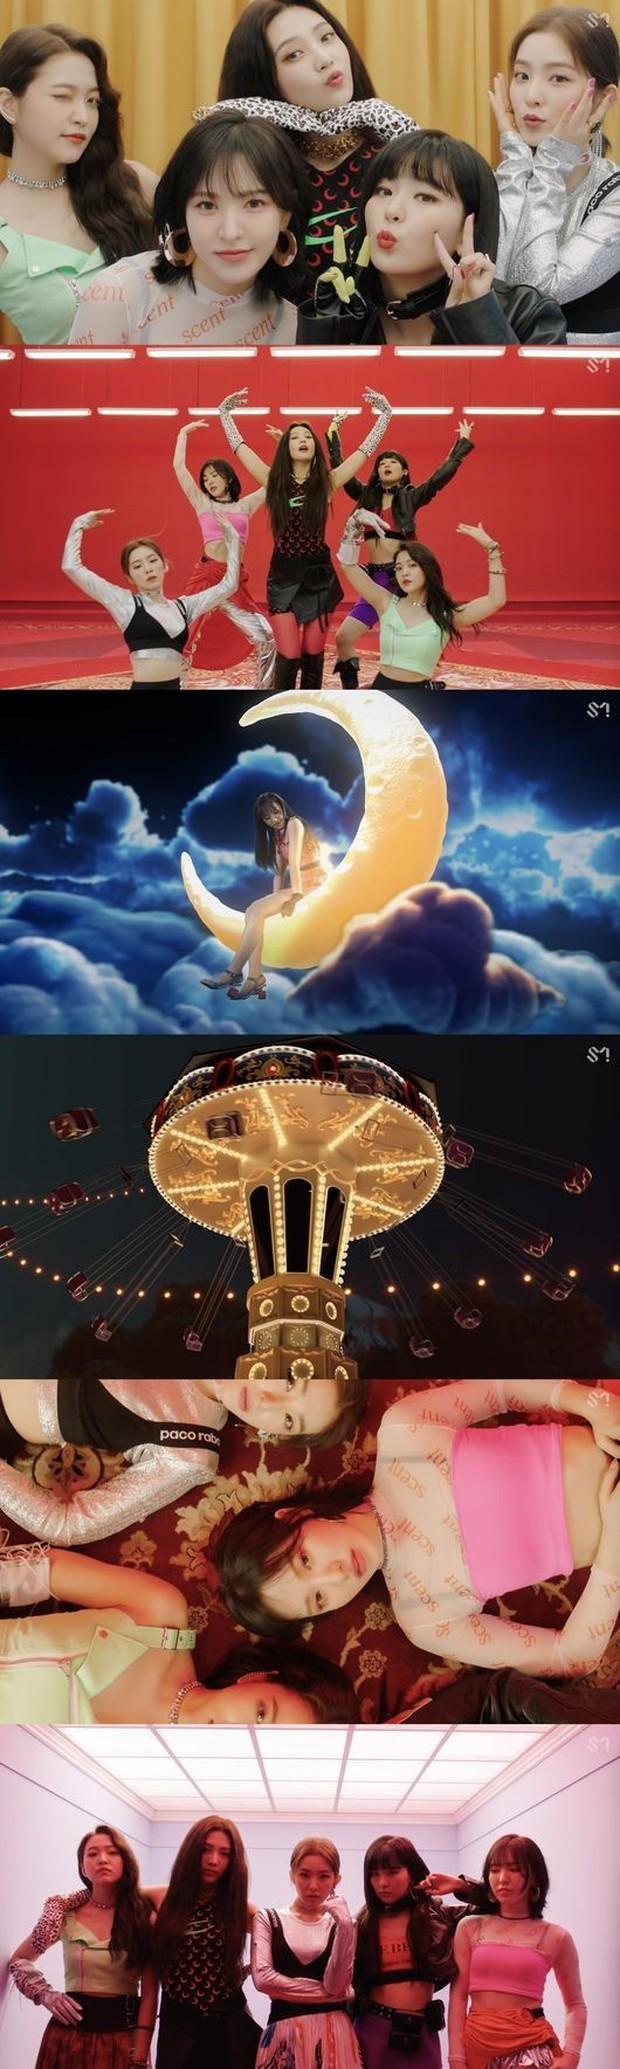 """Buồn của Red Velvet: 5 lần 7 lượt ra nhạc toàn gặp cảnh """"đúng người sai thời điểm""""! - Ảnh 5."""